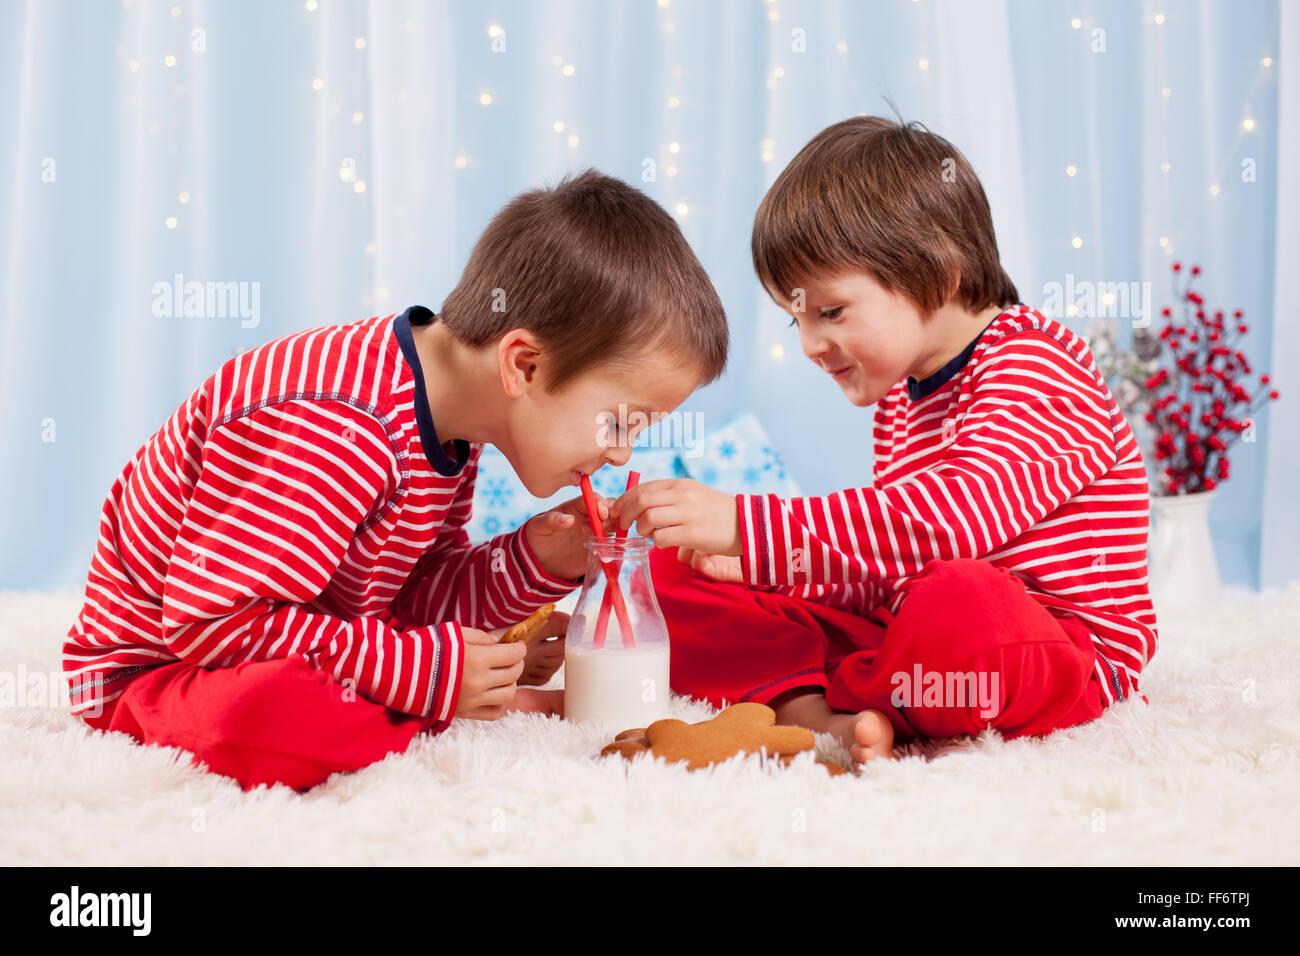 Deux enfants heureux de manger des biscuits de Noël et boire du lait, de rire et de parler, s'amuser Photo Stock